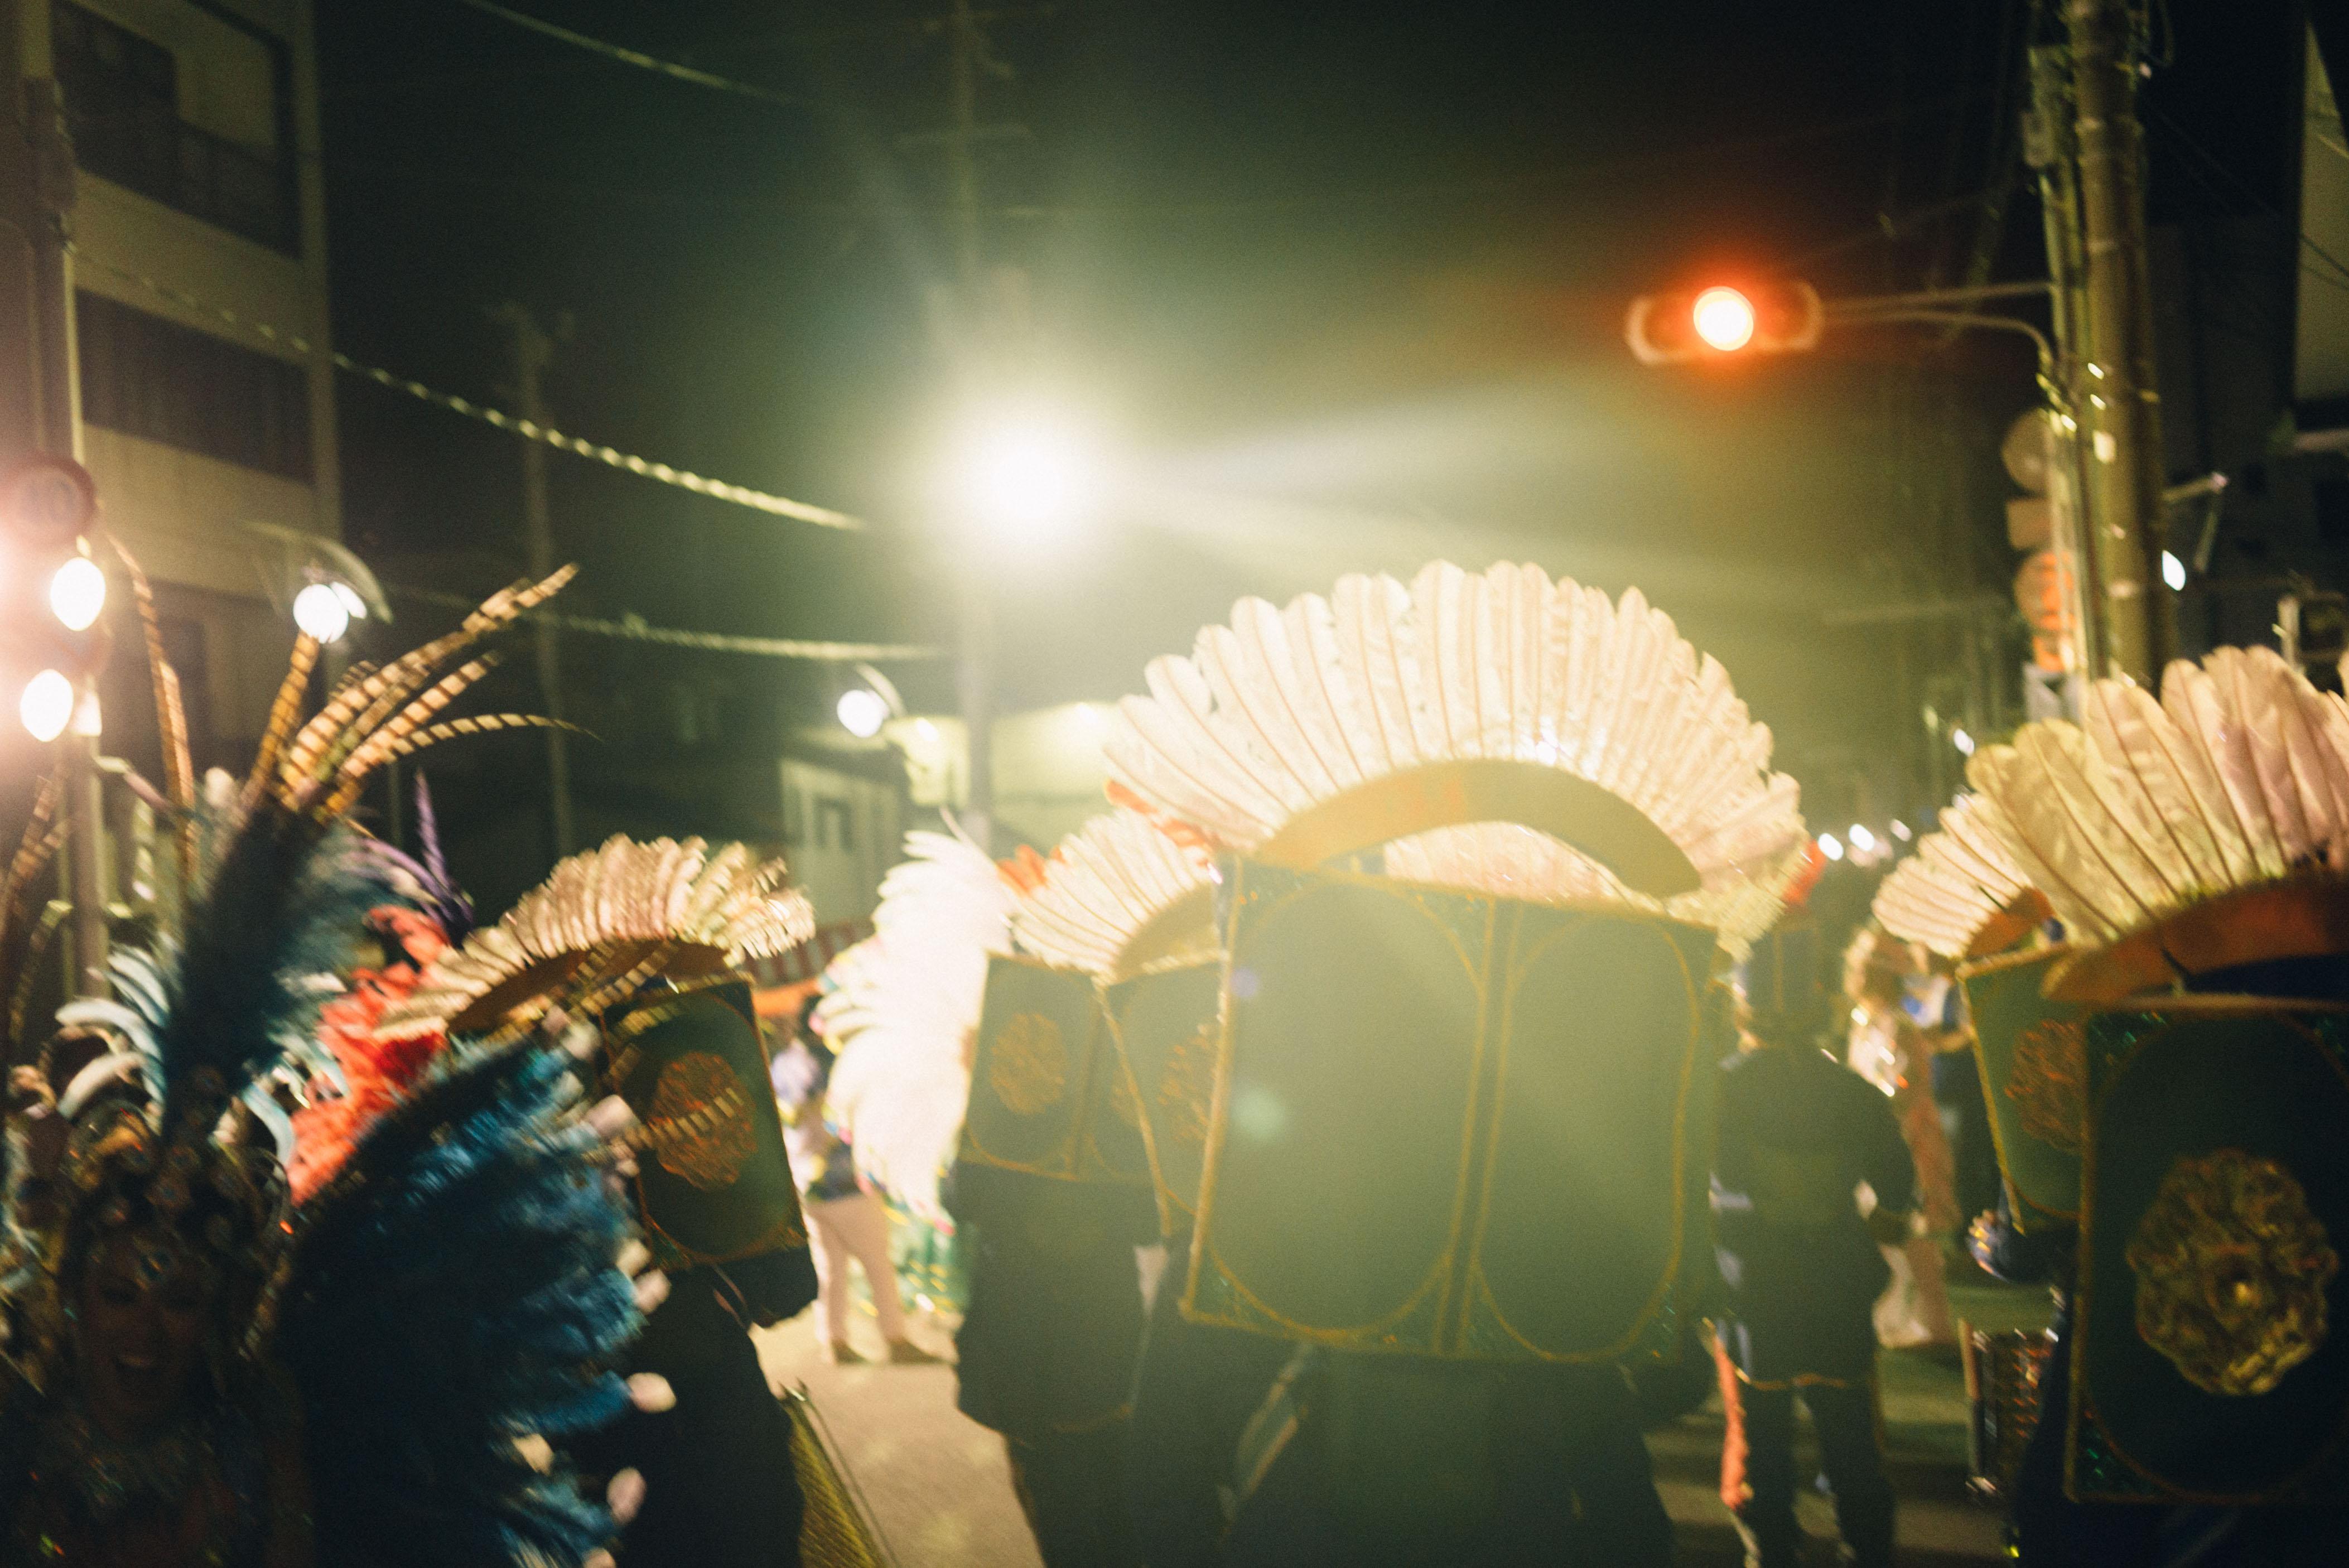 わんこそばで限界突破し、宮古の秋まつりでサンバを踊る。【日本一周171日目09.15】